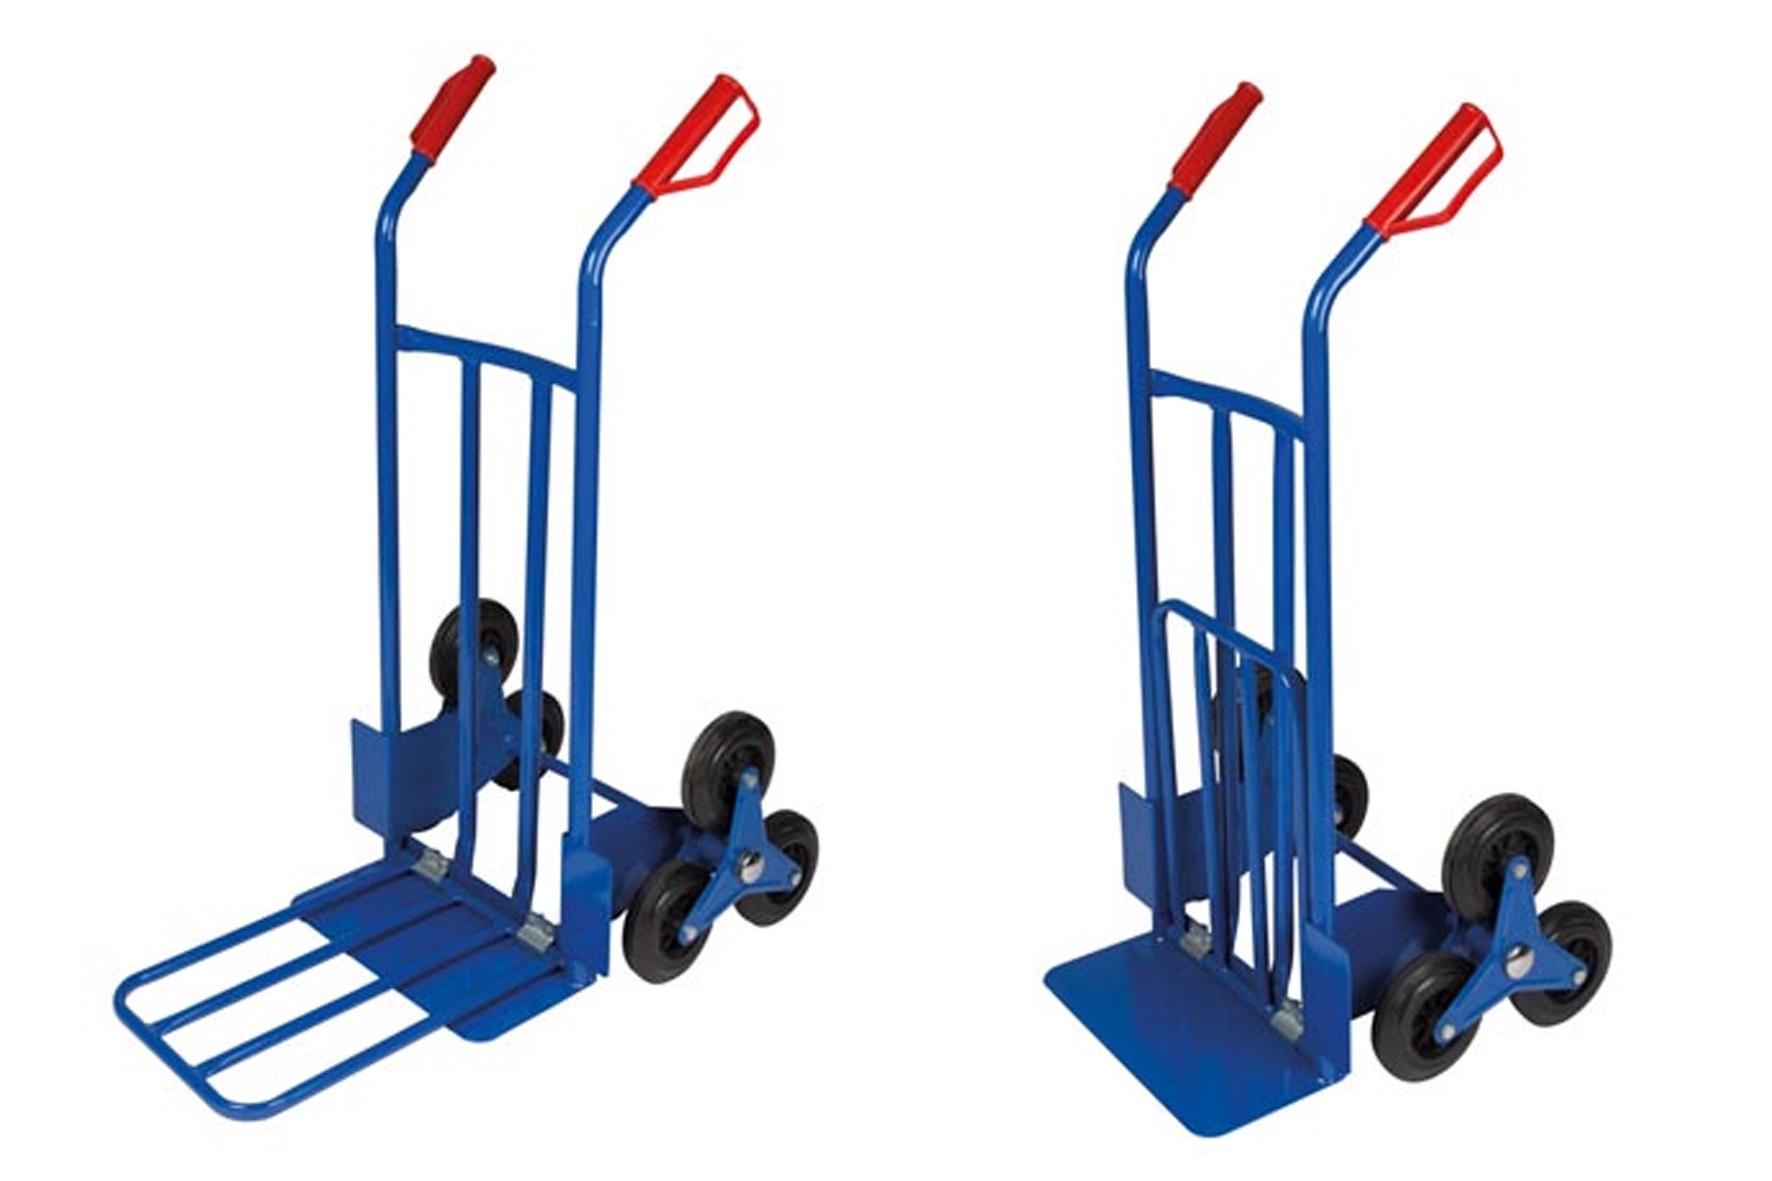 Diable roue gonflable great diable pliant en aluminium expresso charge utile kg with diable - Diable 6 roues ...